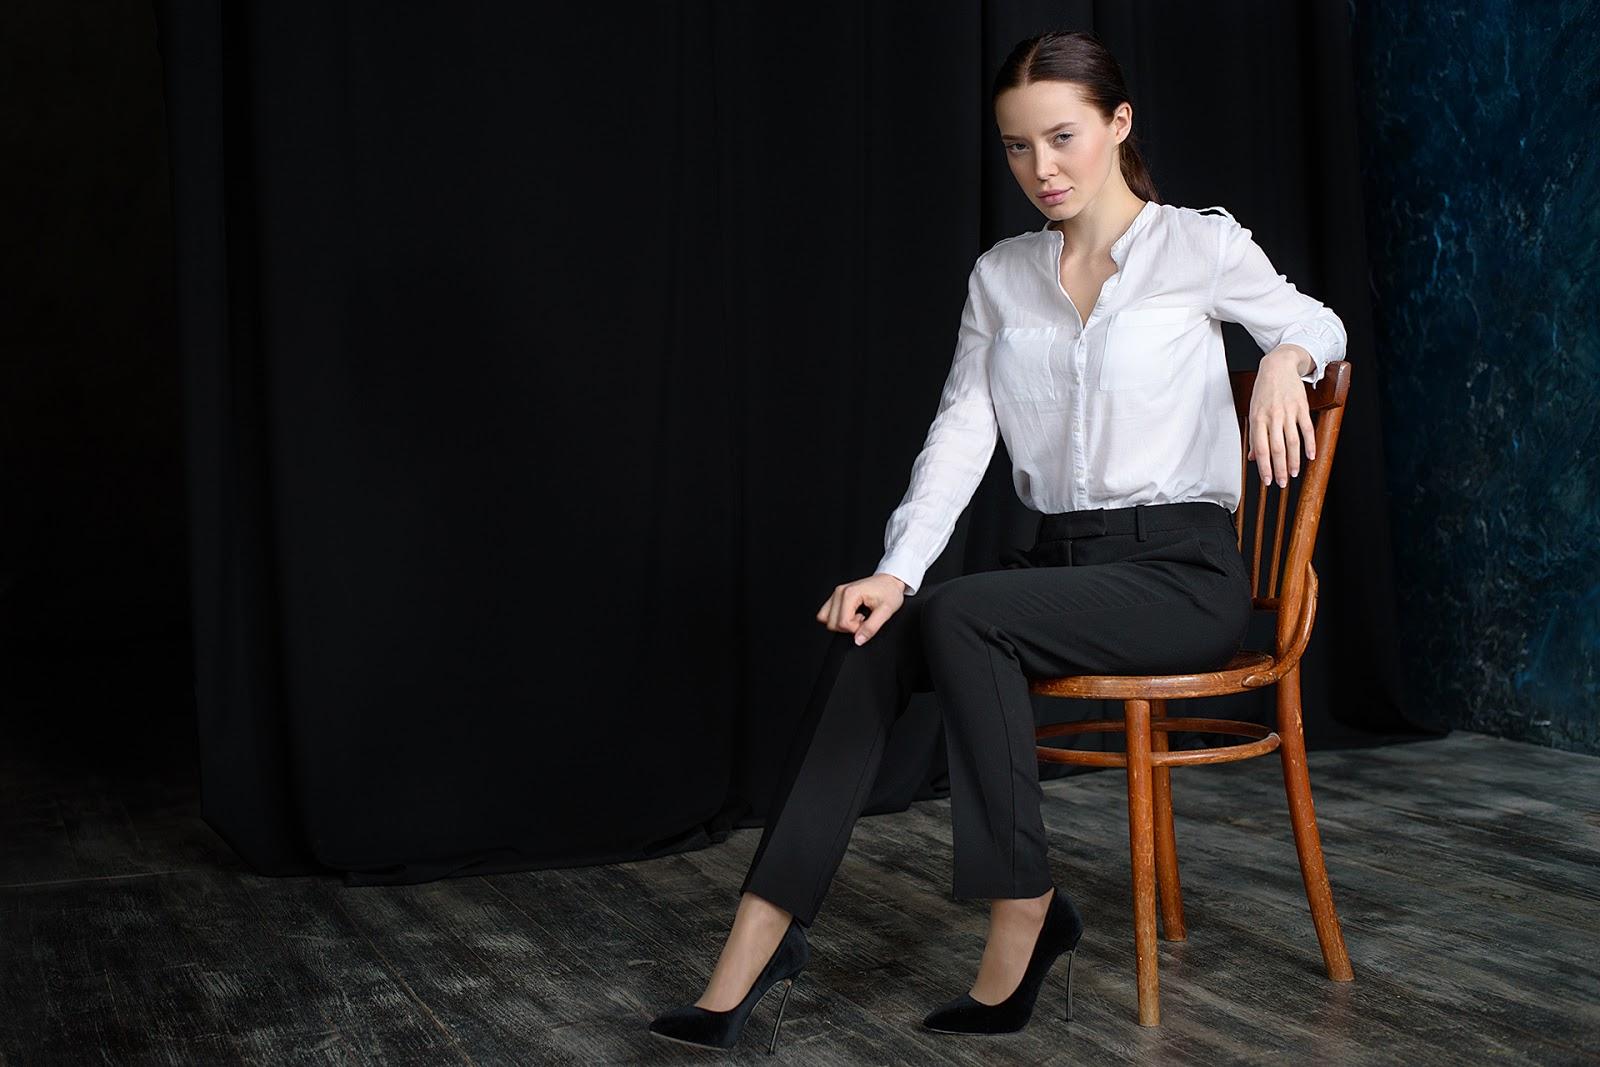 Дарья. Фотопортрет в студии